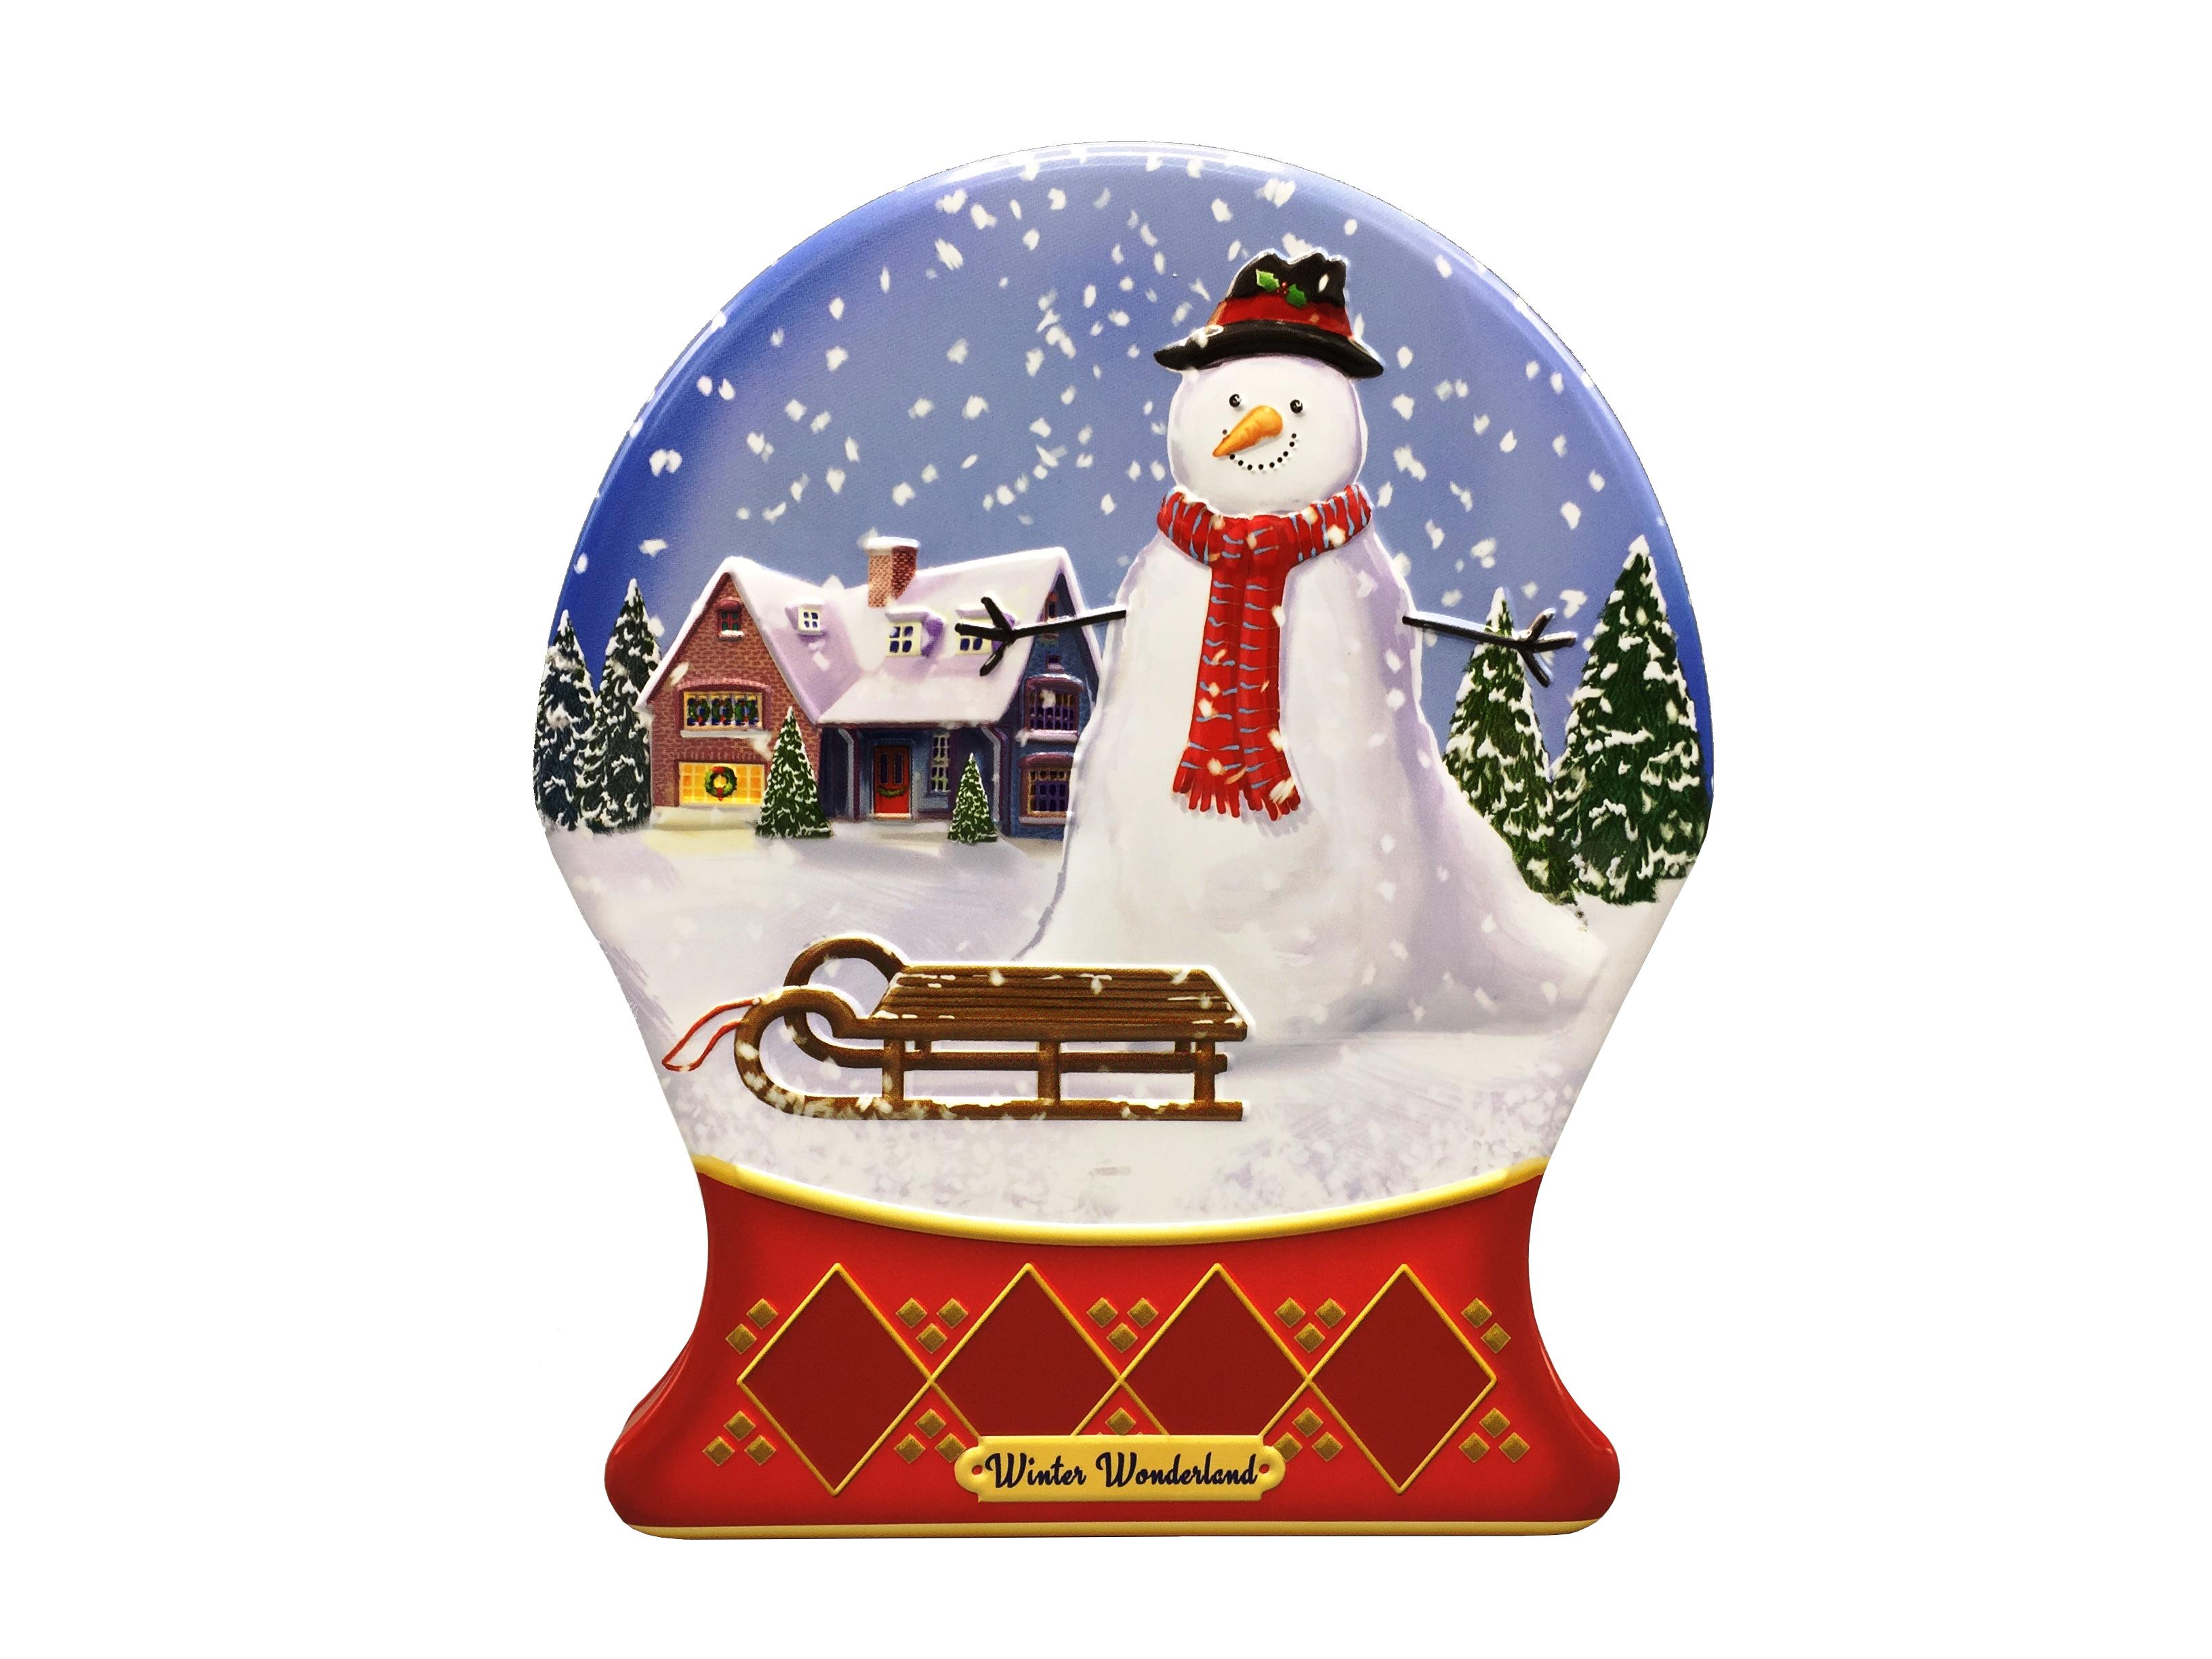 10442 Schneekugel Winter Wonderland